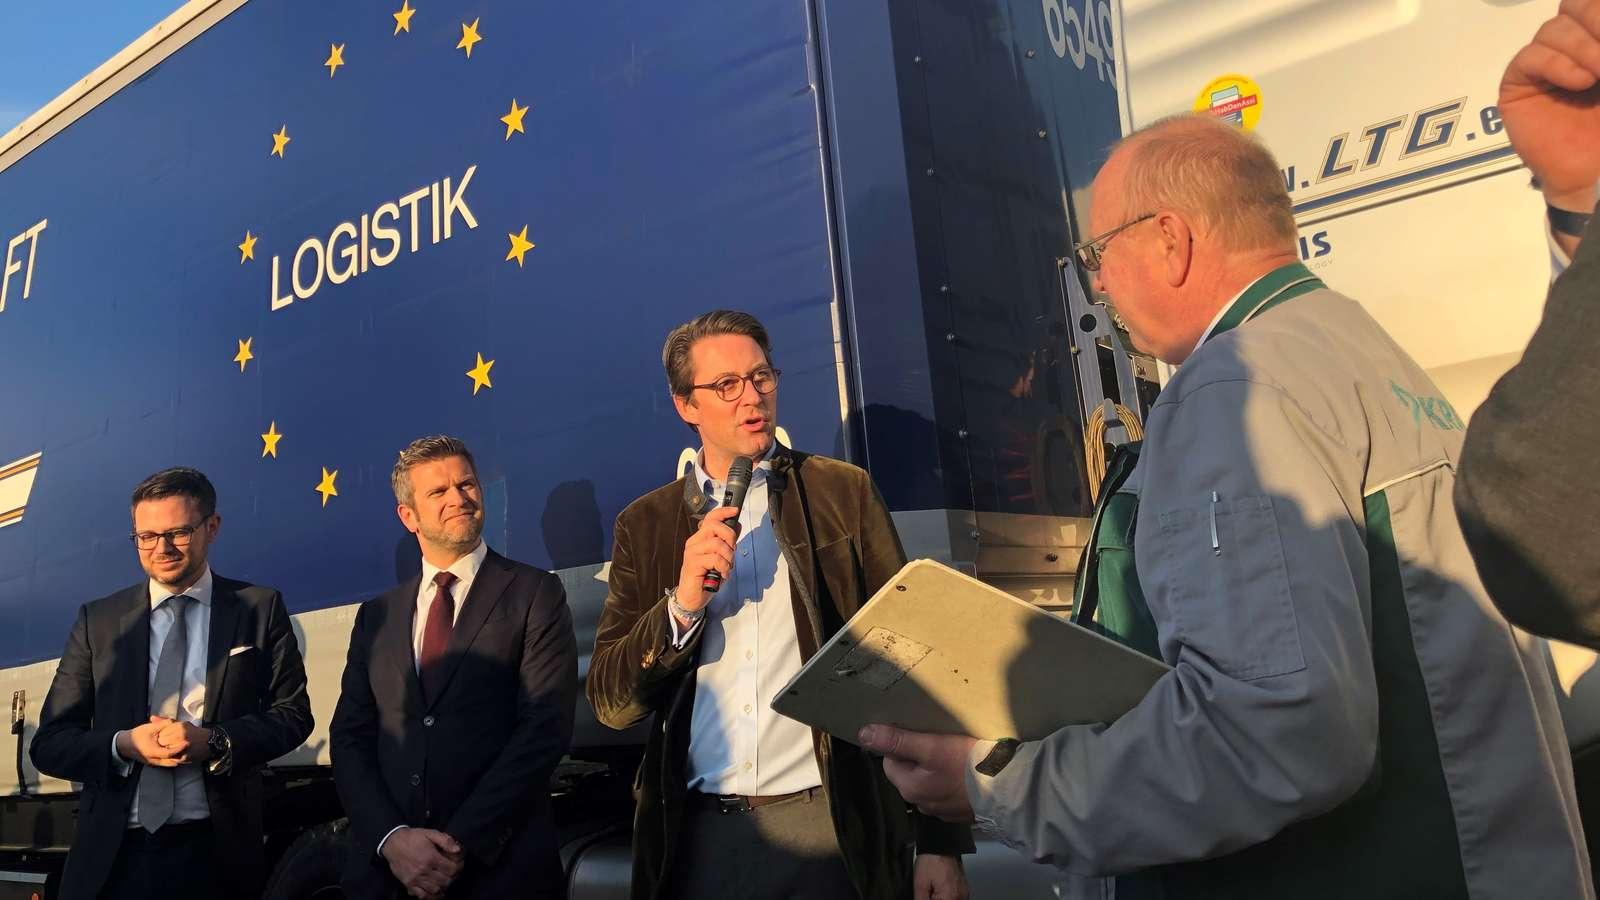 Bundesverkehrsminister Scheuer bei der technischen Abnahme der ersten Abbiegeassistenz-Systeme in Regensburg.